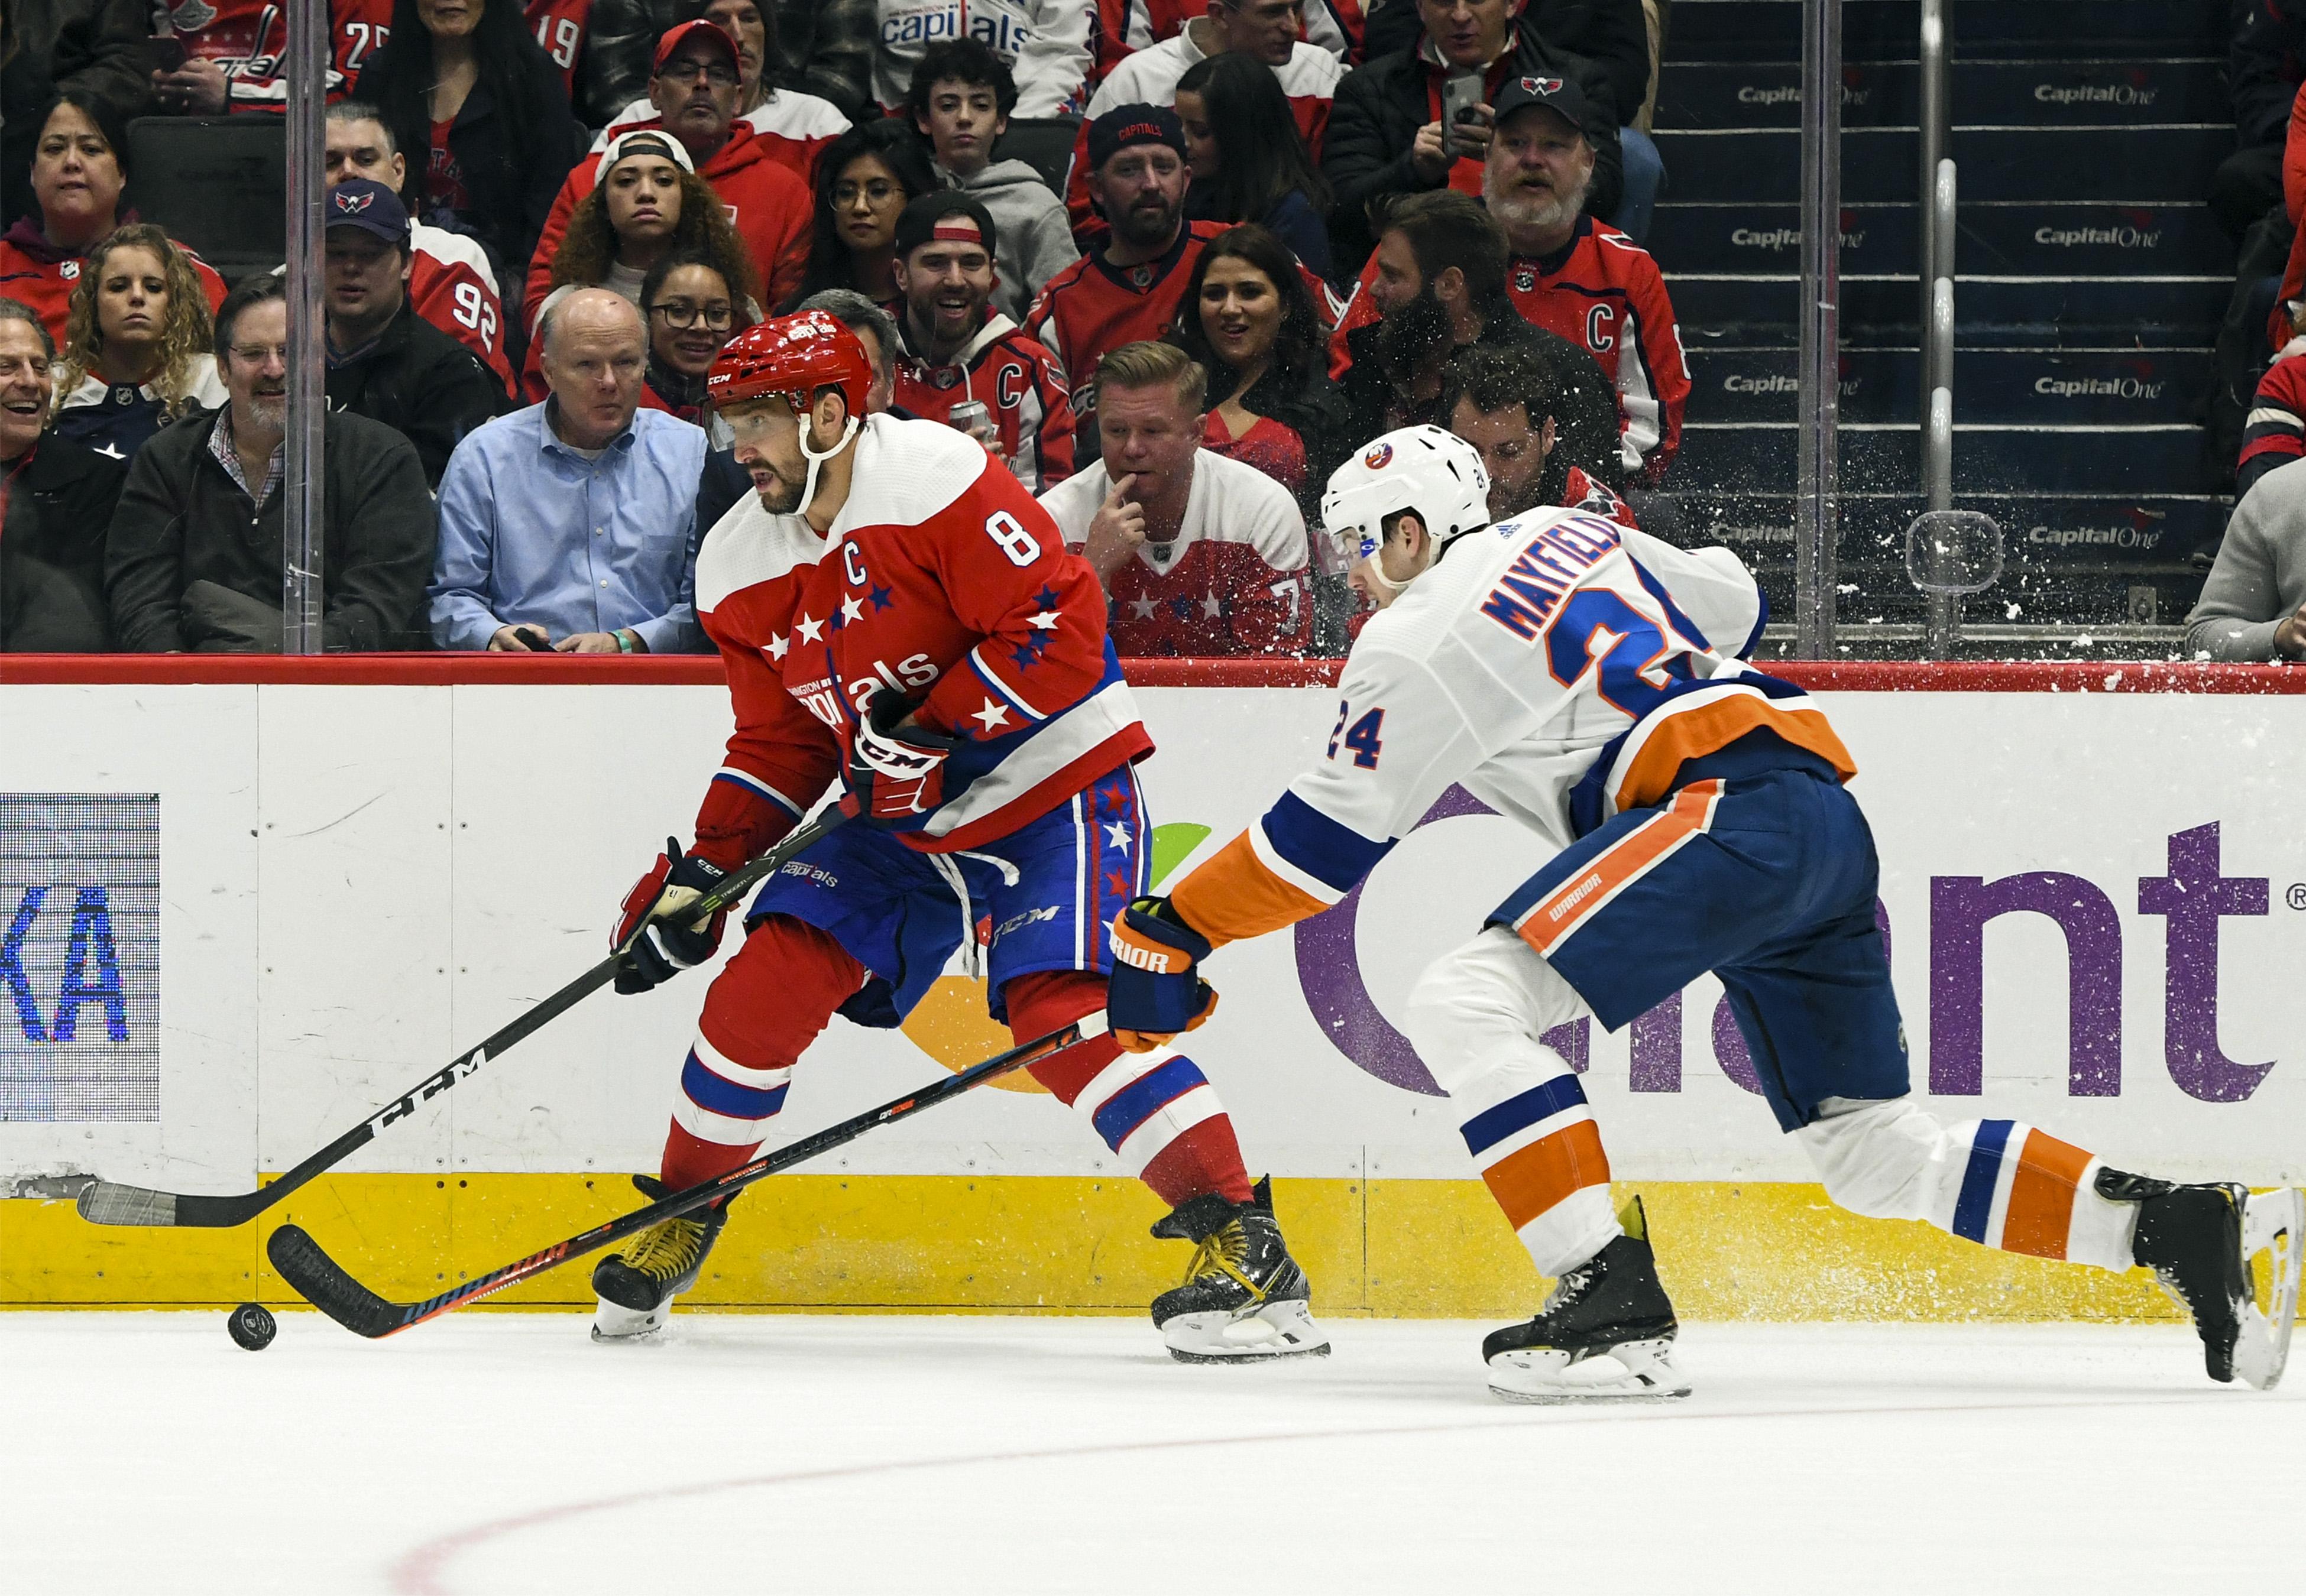 NHL: FEB 10 Islanders at Capitals